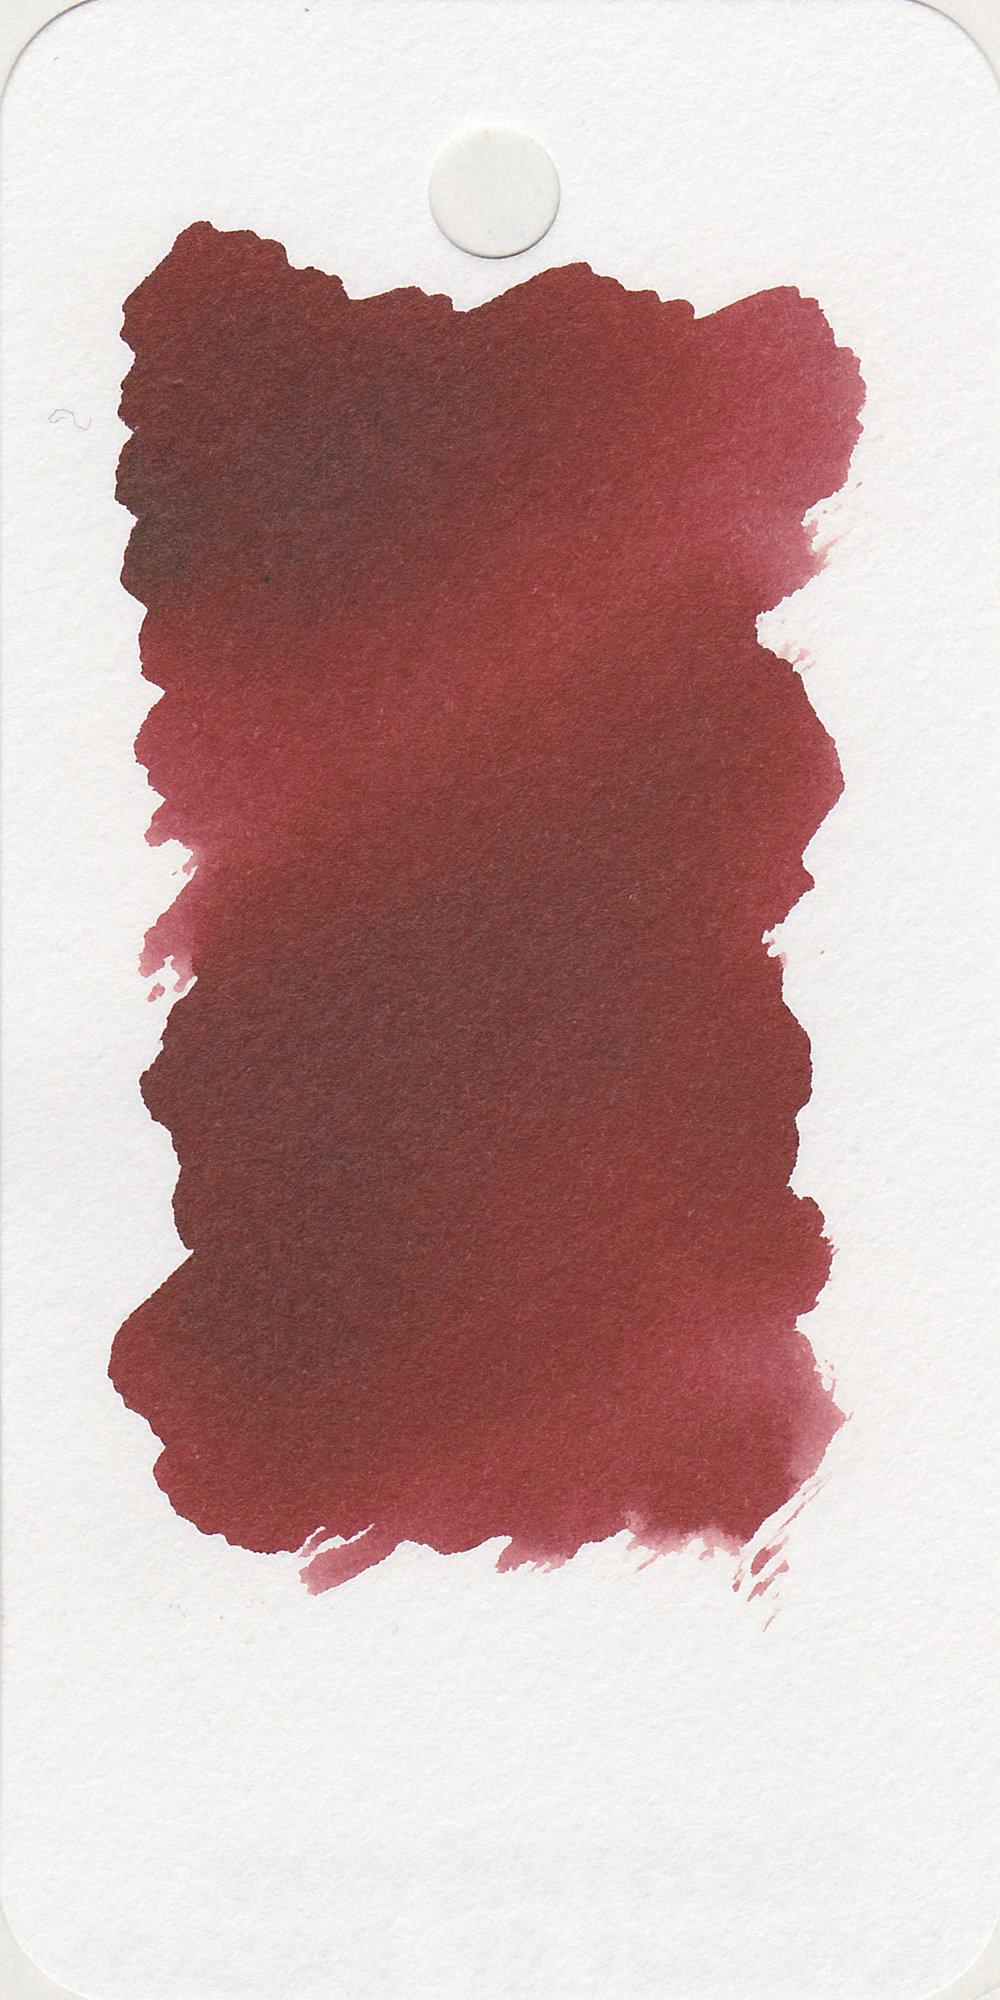 nood-antietam-5.jpg